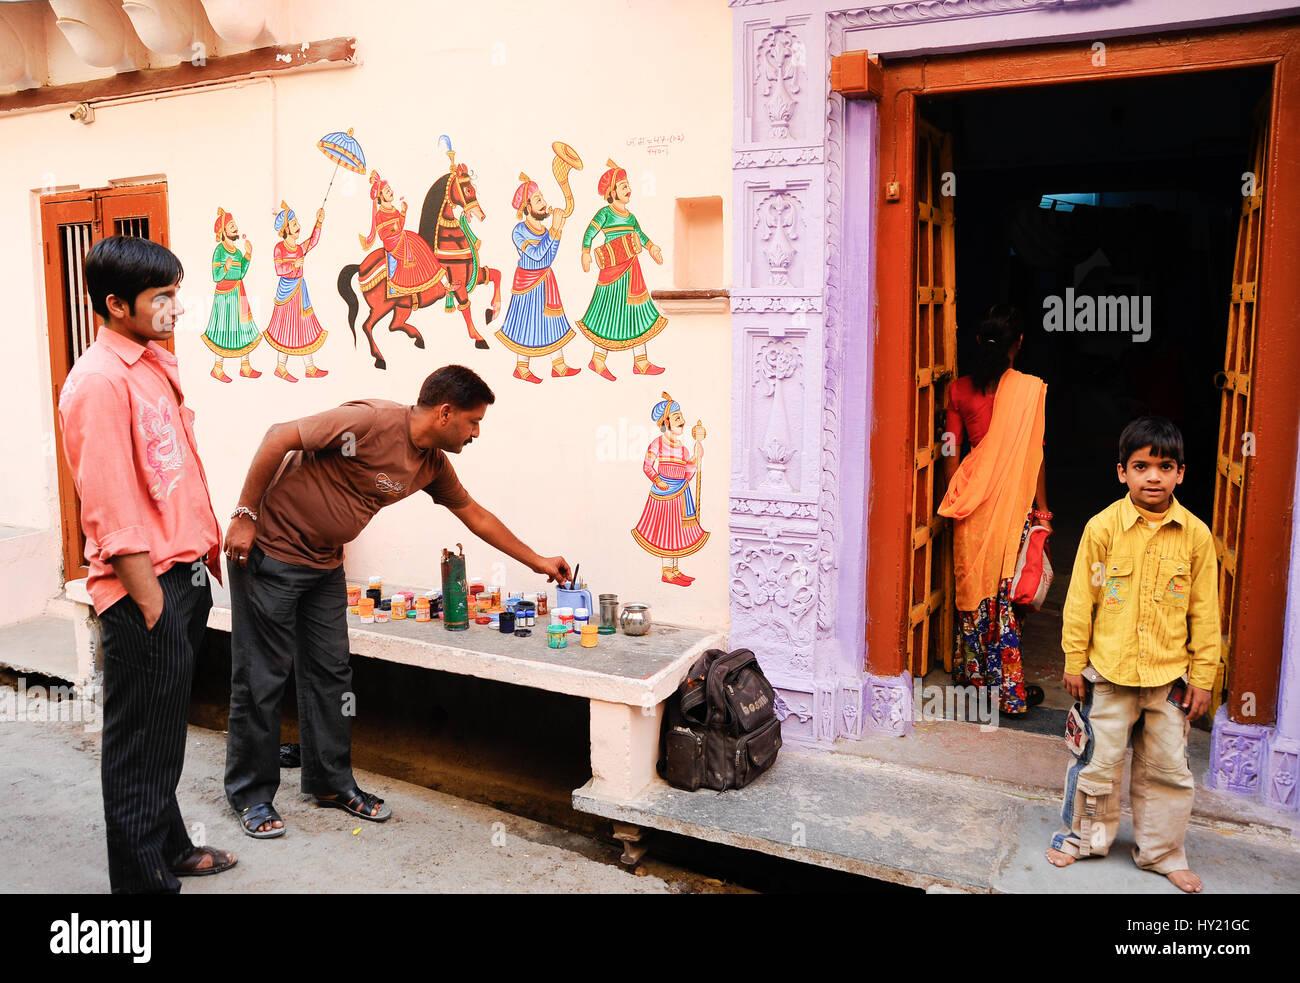 Un uomo pittura Rajput tradizionali disegni su una casa per celebrare un matrimonio, Udaipur Città Immagini Stock